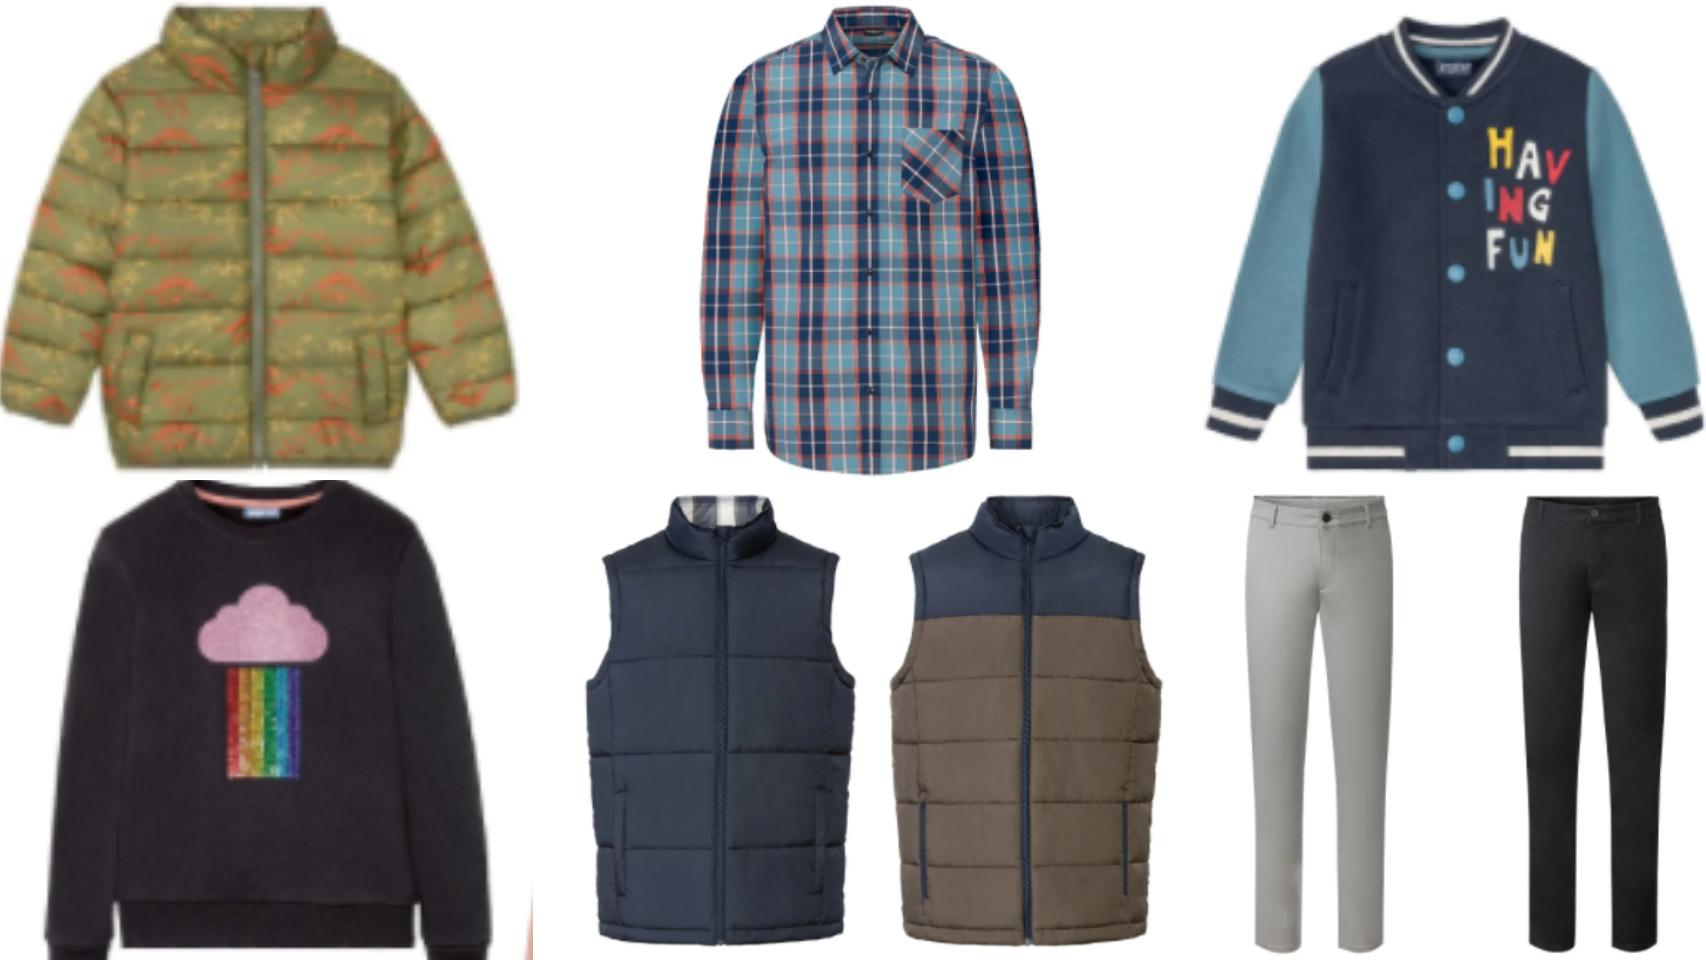 Algunas de las prendas que vende Lidl para esta temporada otoñal.